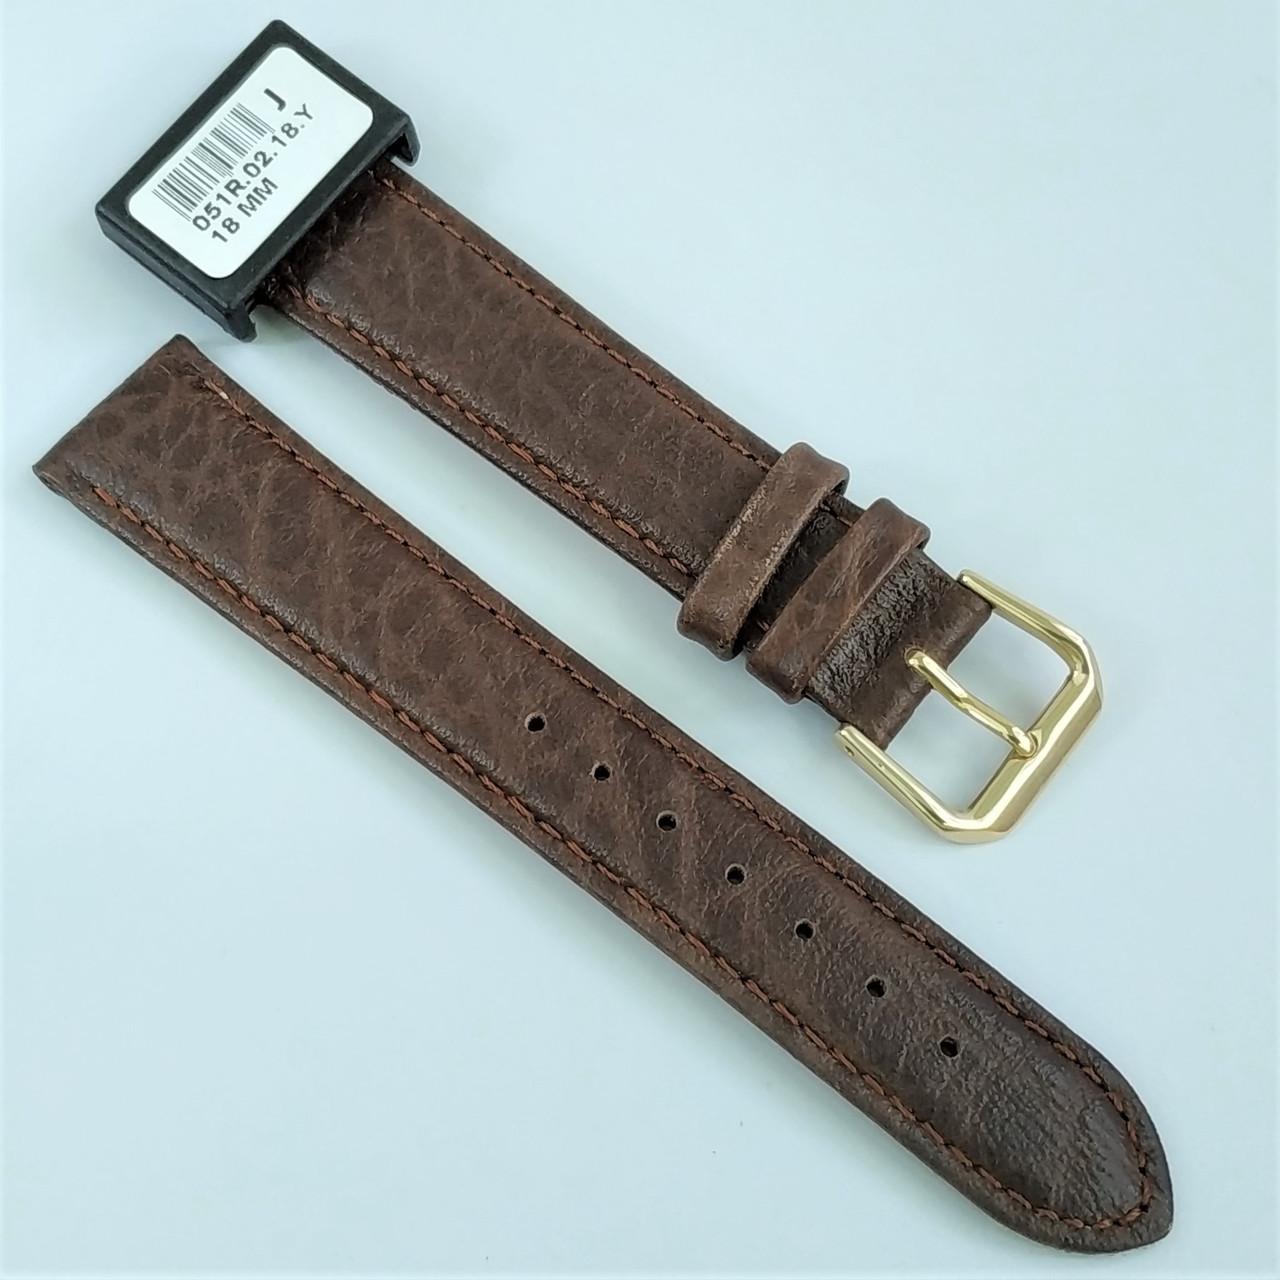 18 мм Кожаный Ремешок для часов CONDOR 051.18.02 Коричневый Ремешок на часы из Натуральной кожи